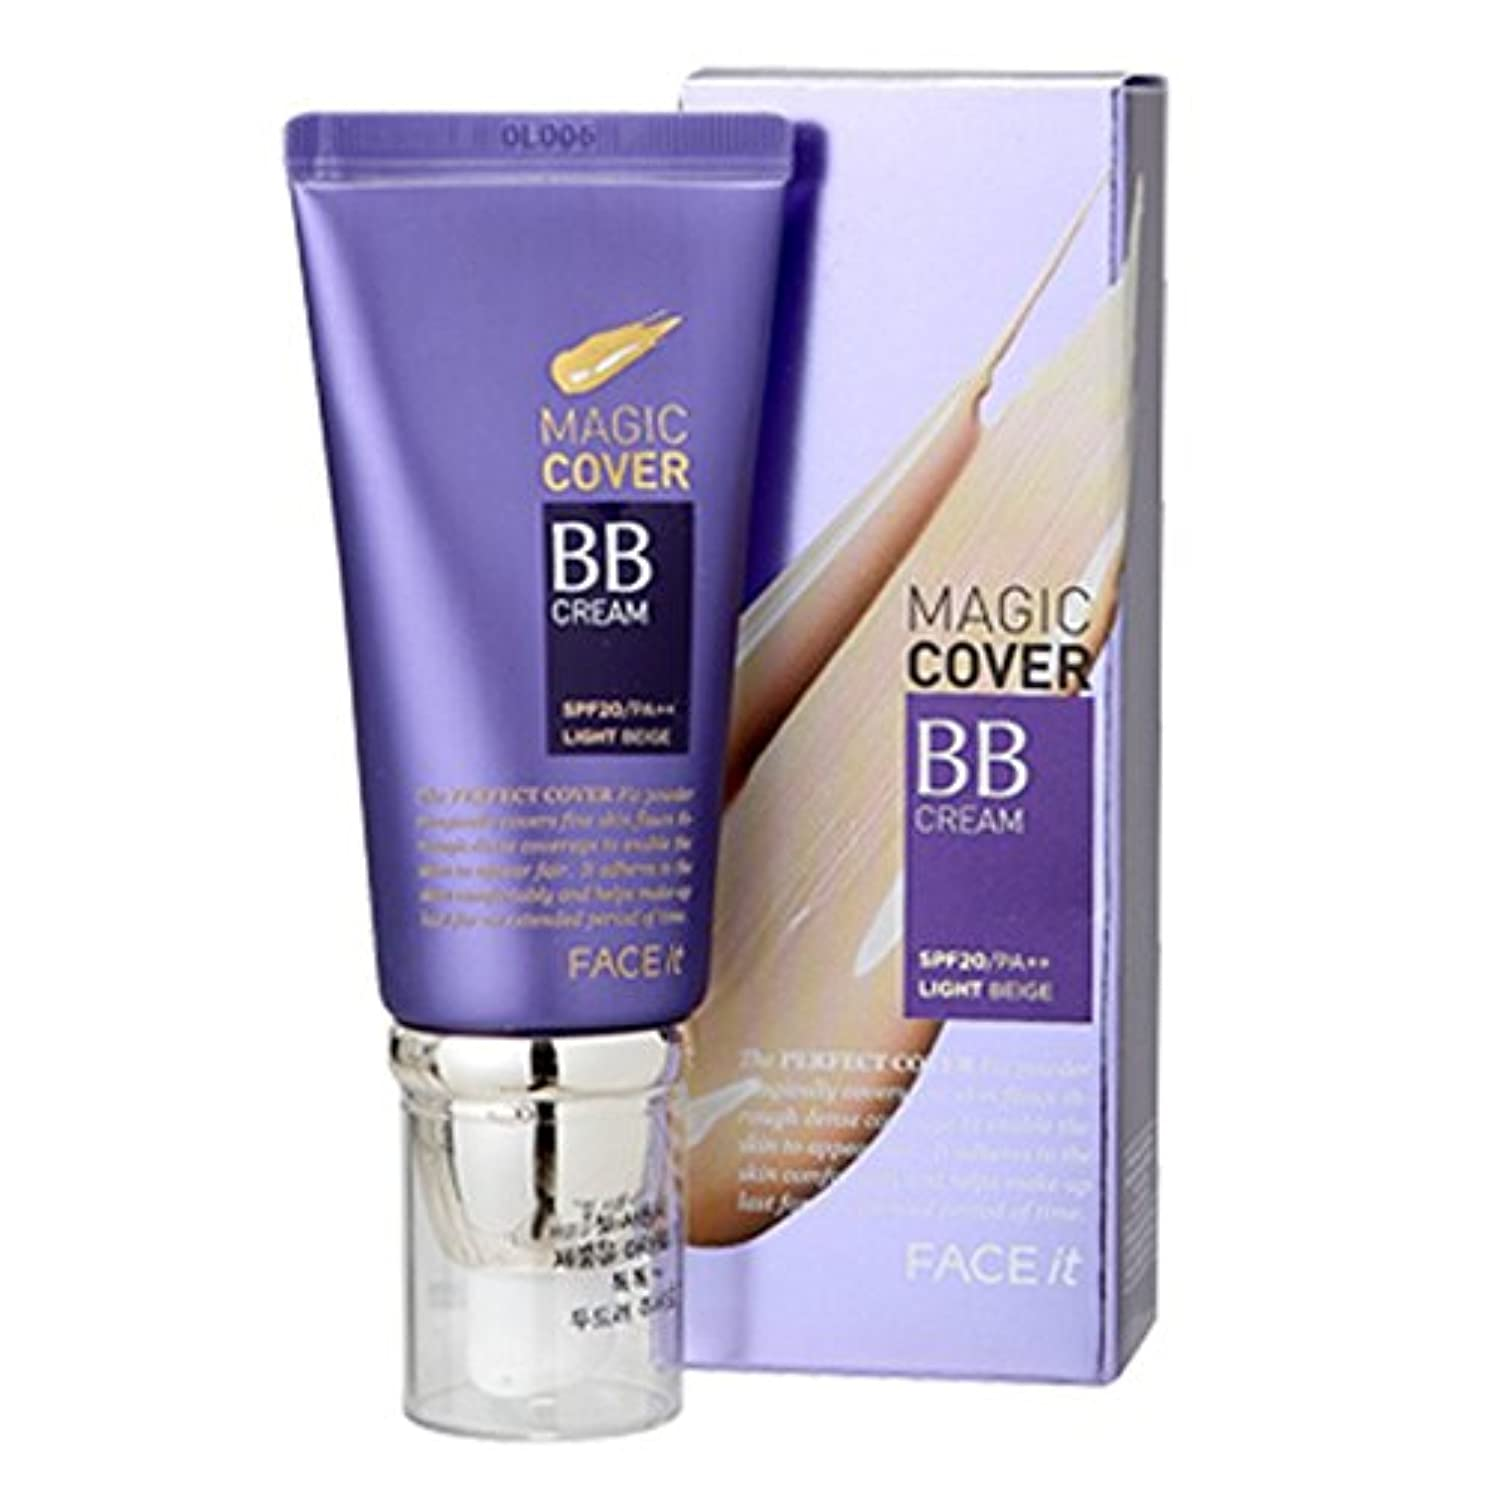 荒野石膏呼ぶザフェイスショップ The Face Shop Face It Magic Cover BB Cream 45ml (02 Natural Beige)